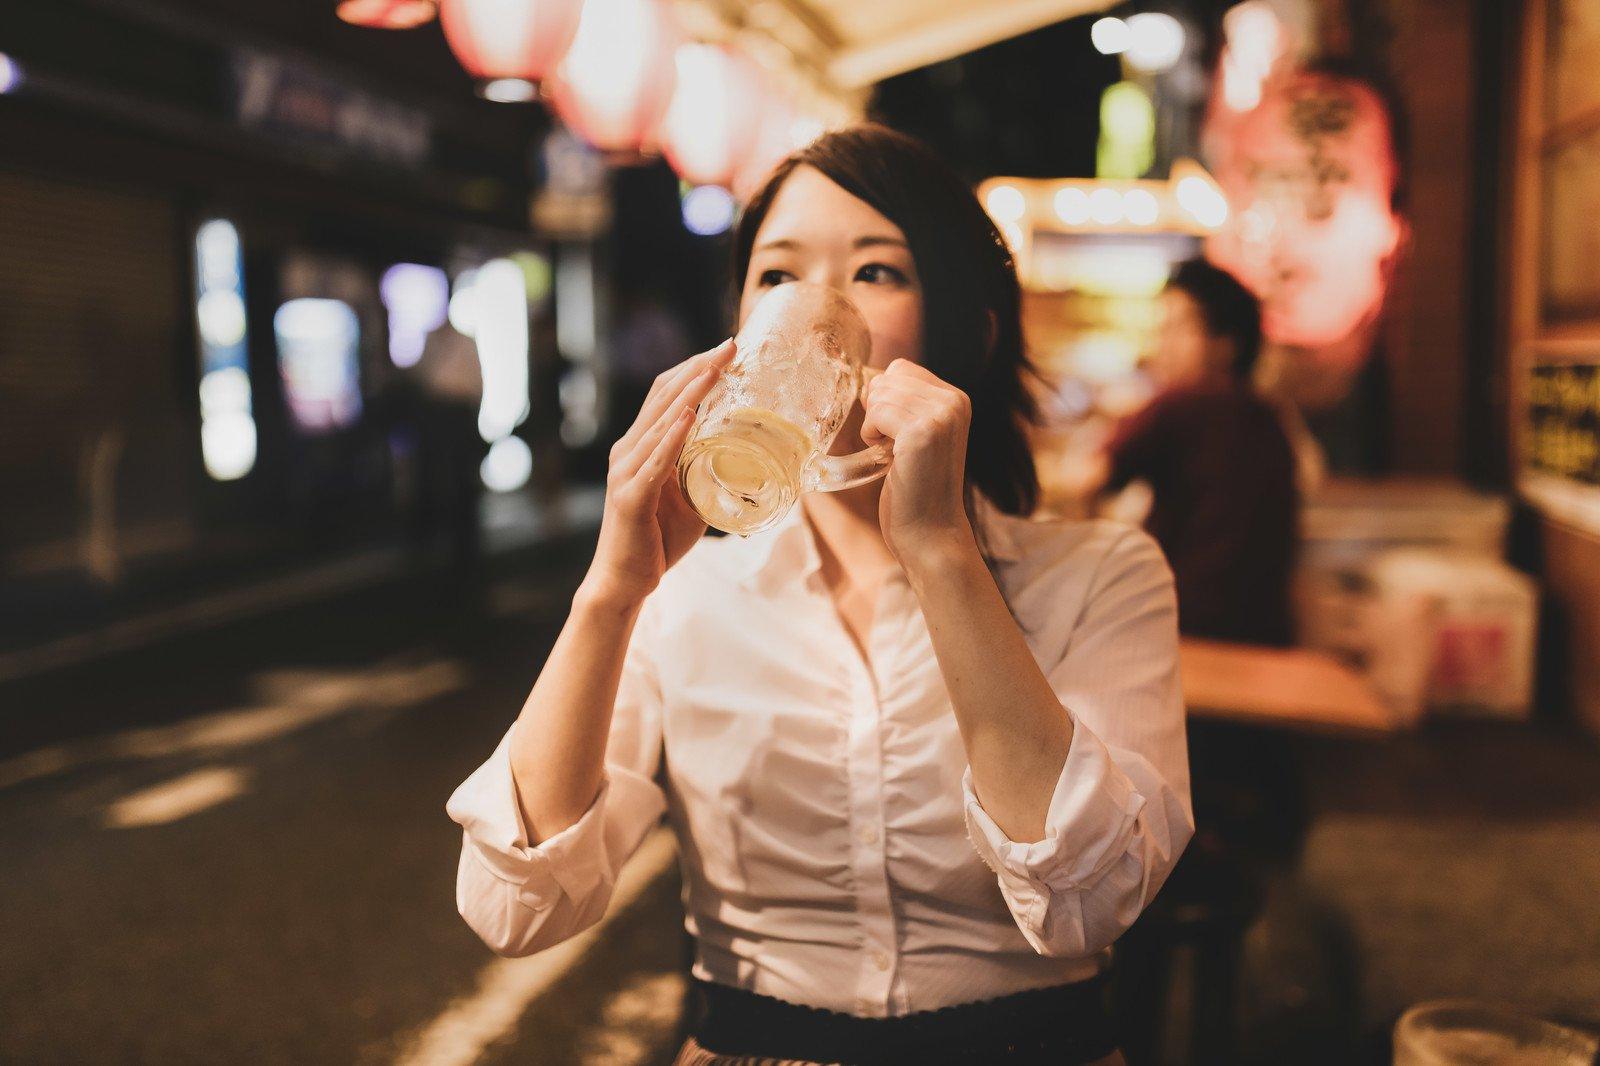 日本「居酒屋」到底跟餐廳有什麼不一樣?